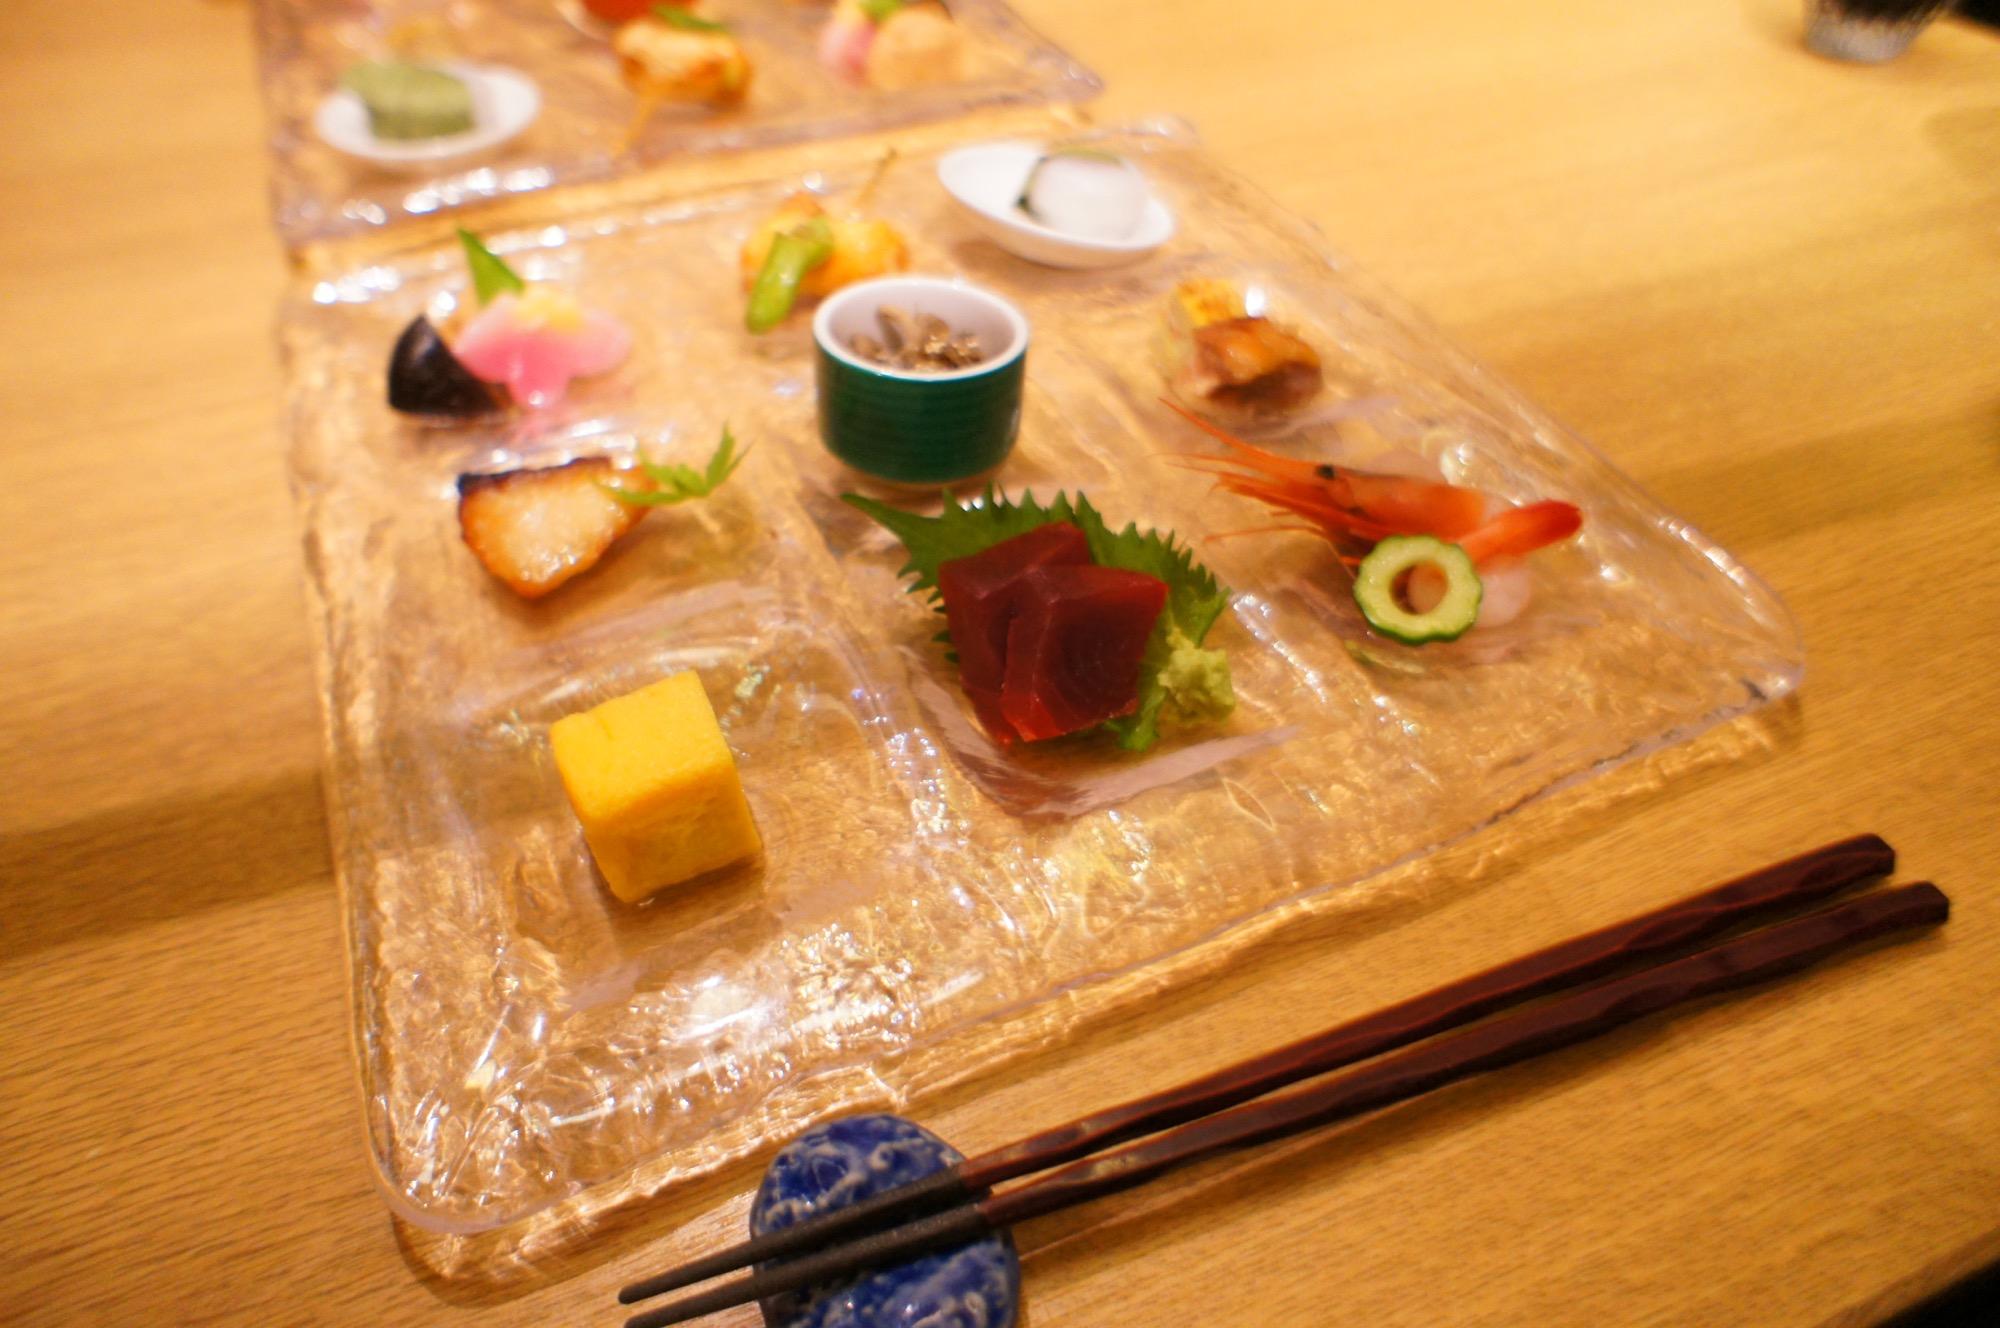 《個室ランチ女子会するならココ☝︎❤️》【銀座】上越やすだで美味しい和食☻!_1